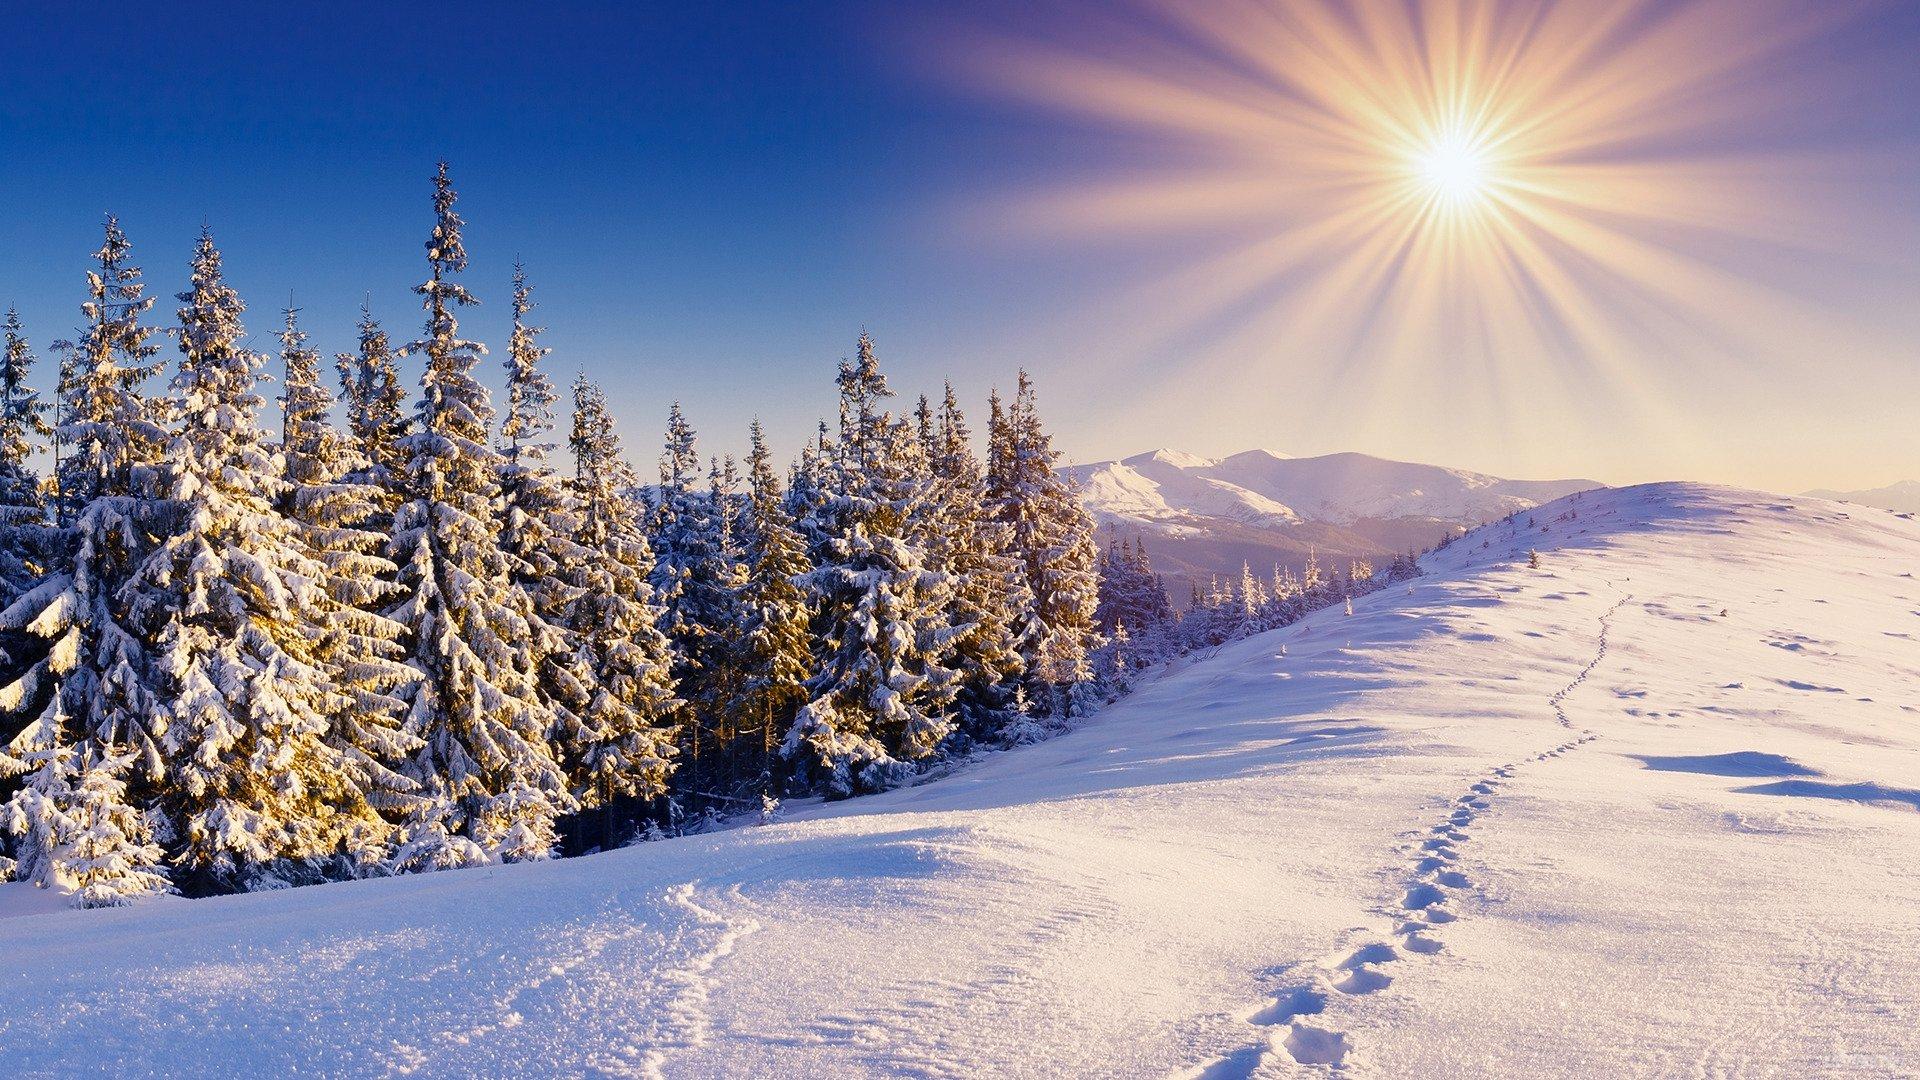 Winter Sun Wallpapers 1920x1080